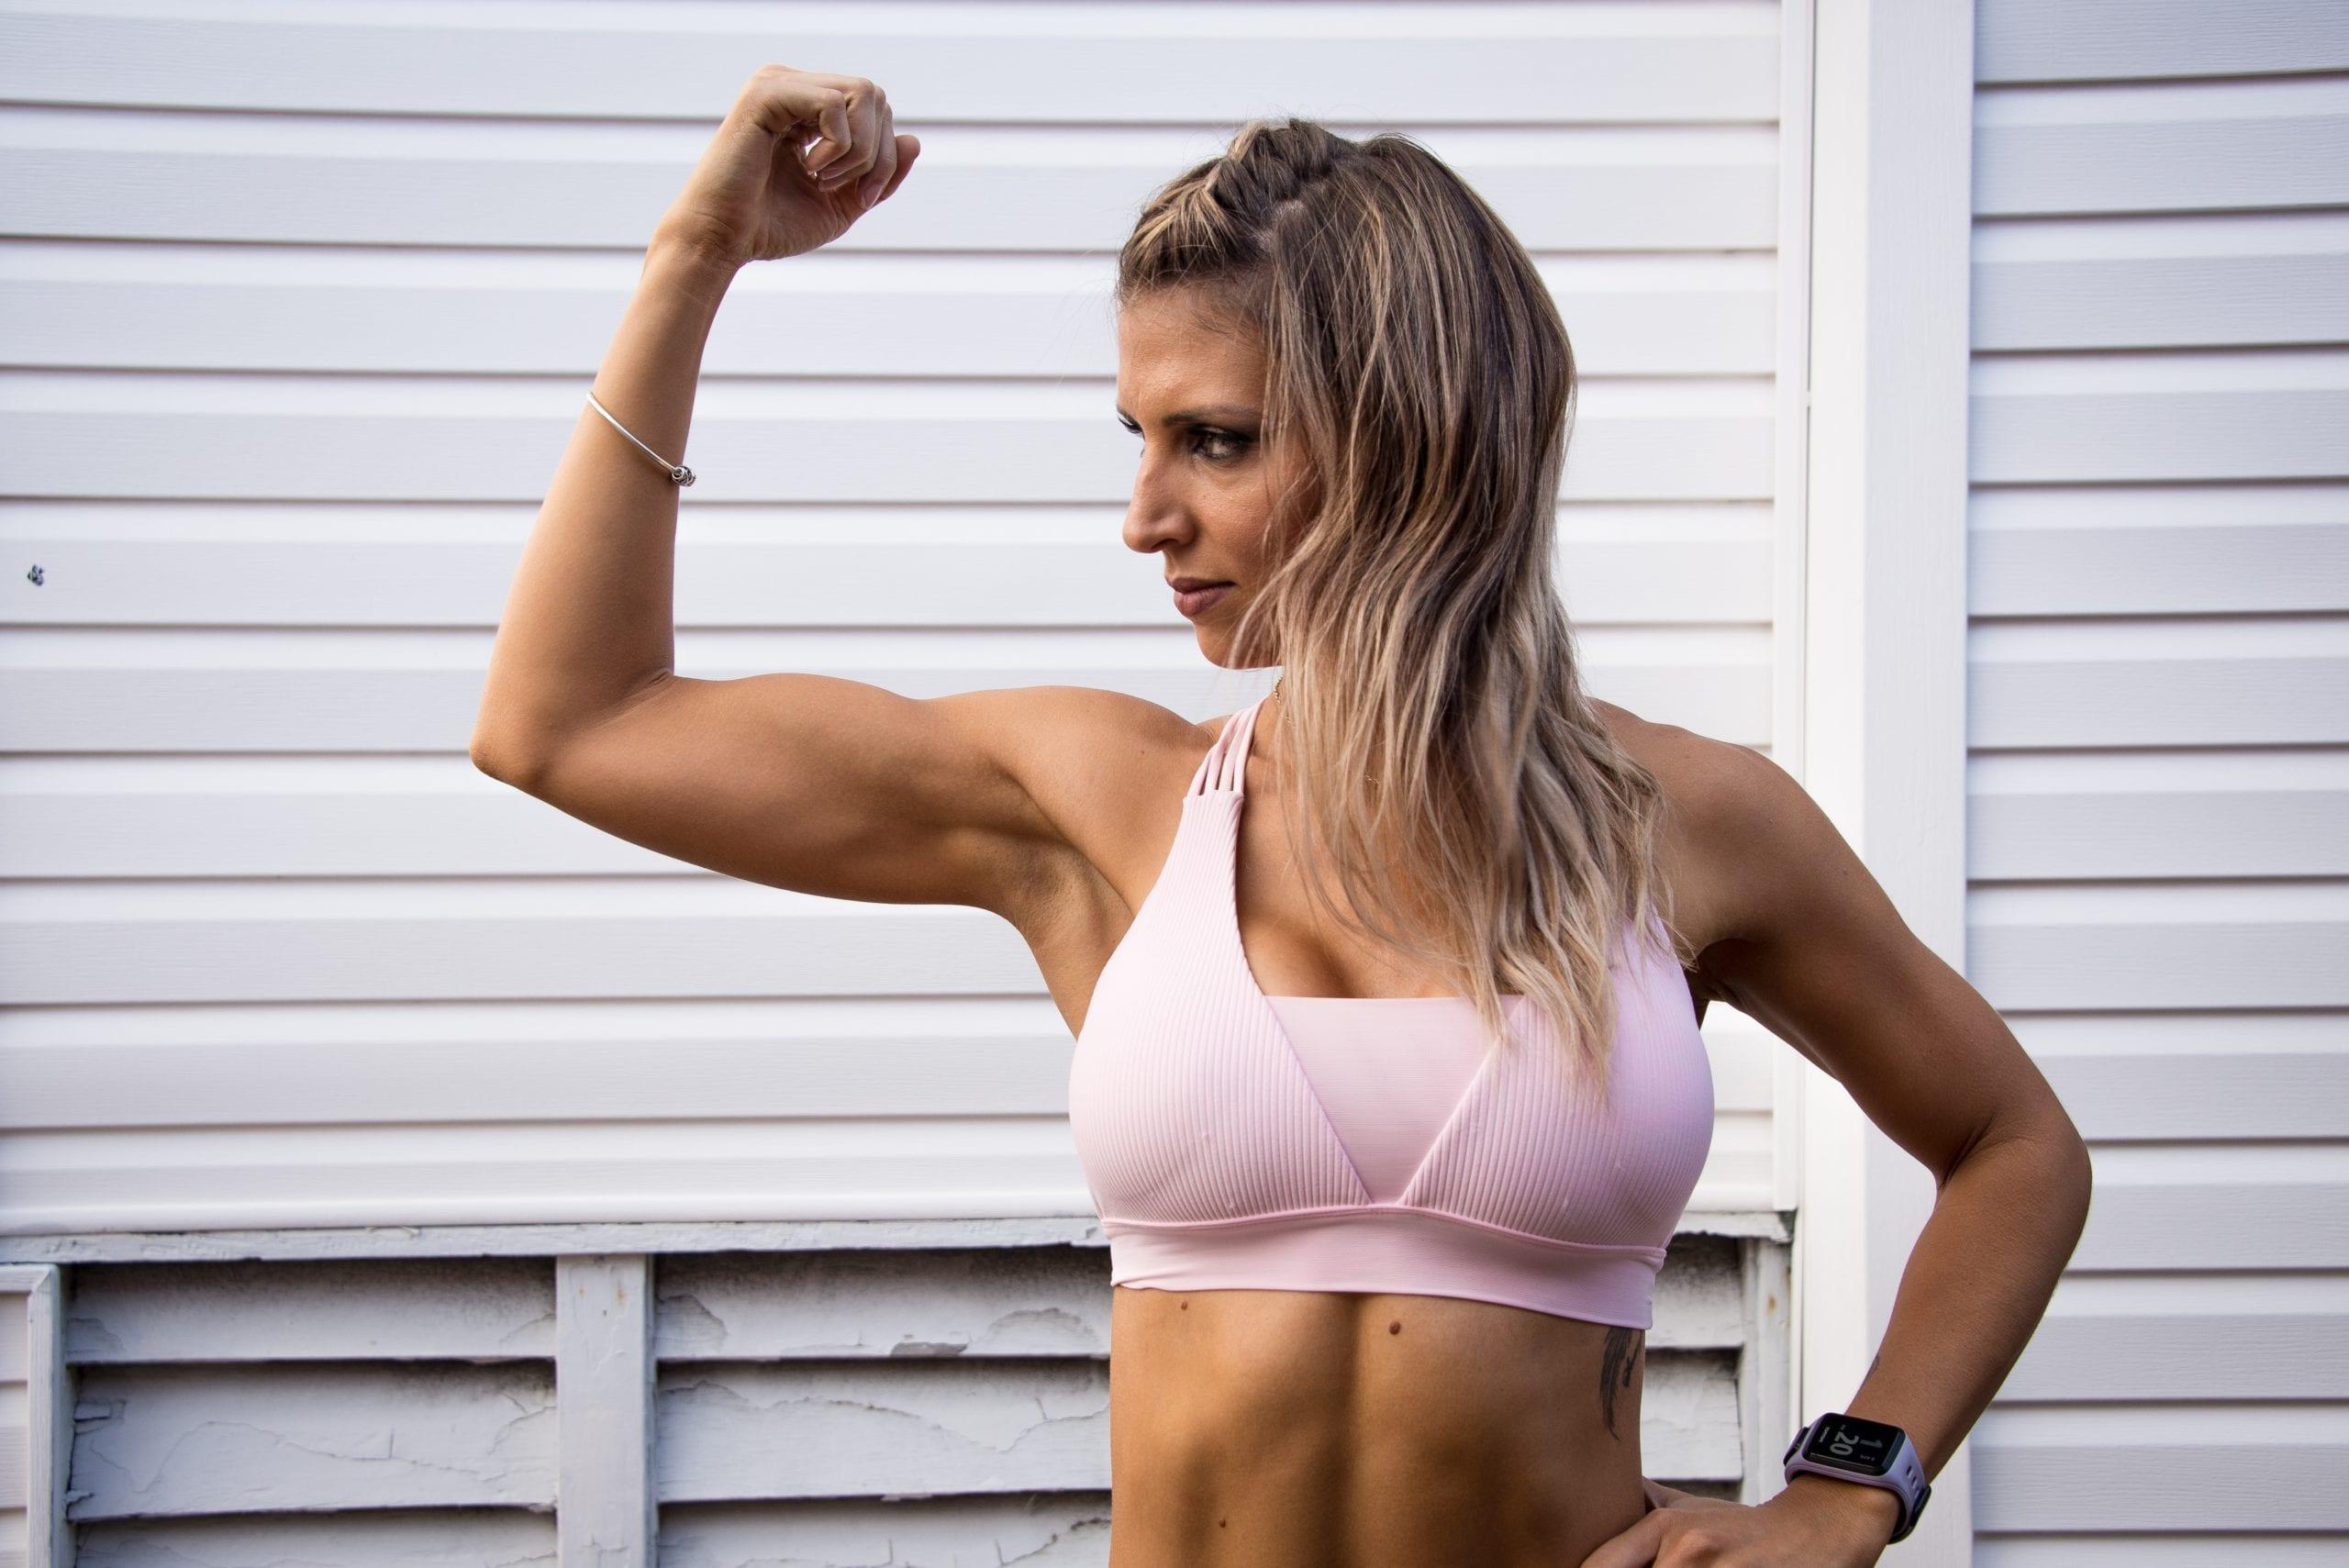 Women on Steroids